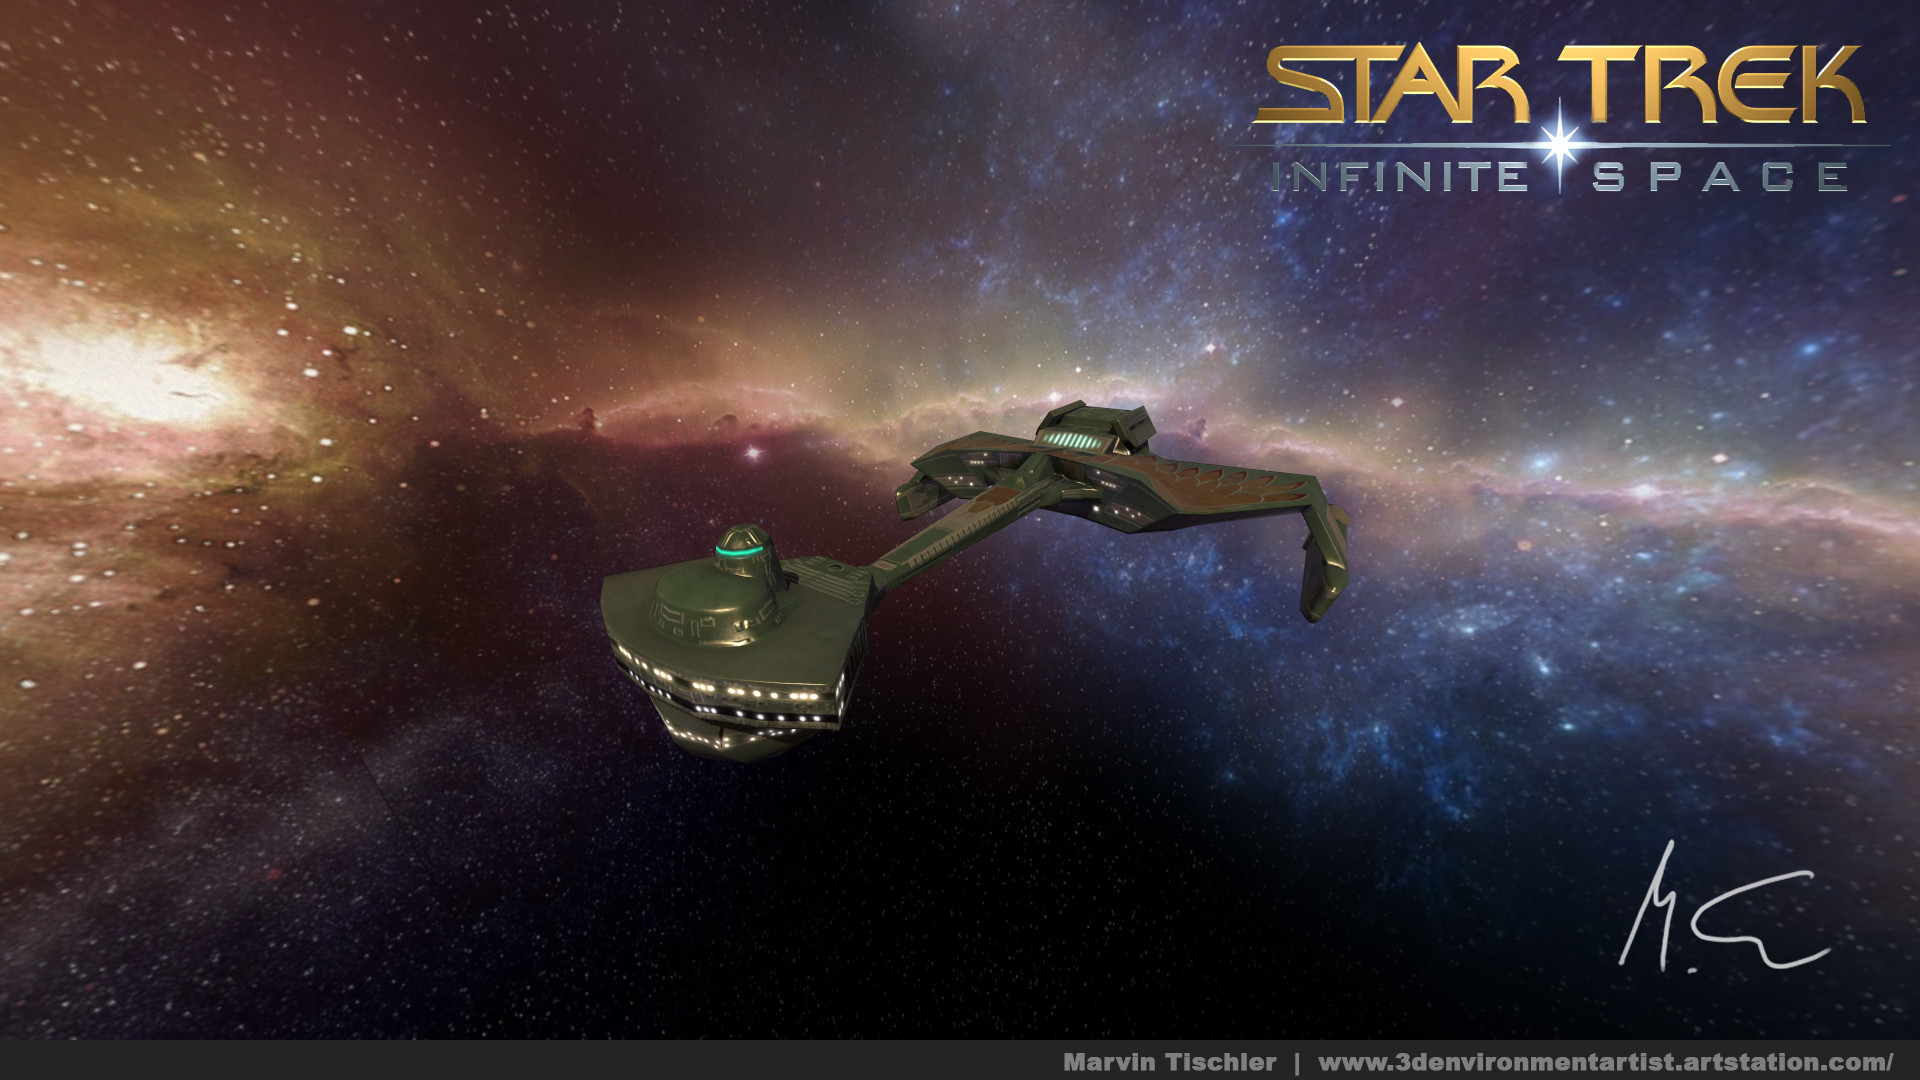 Marvin tischler startrek infinitespace d7